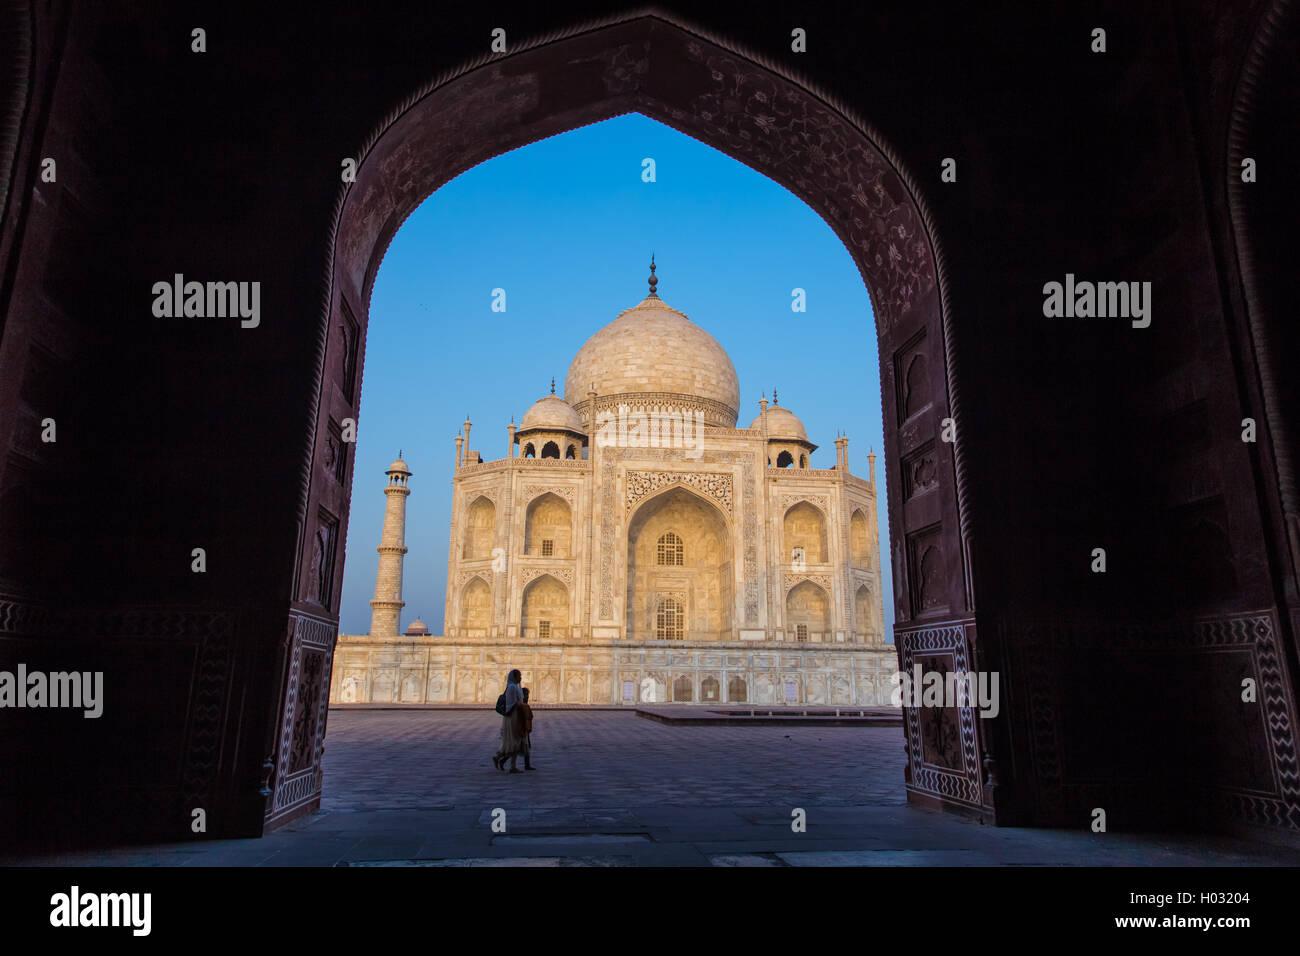 AGRA, India - 28 febbraio 2015: vista del Taj Mahal dall'interno Mihman Khana con persone di passaggio. Il lato Immagini Stock